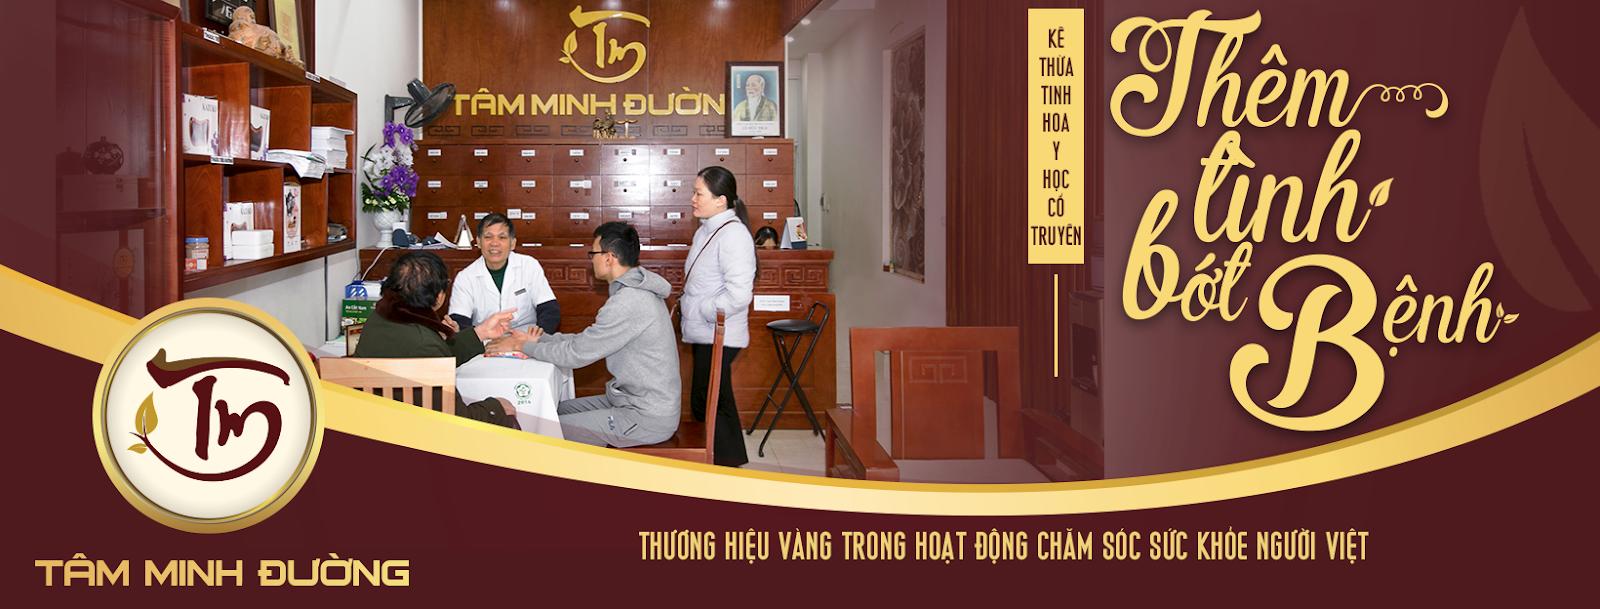 Phòng chẩn trị y học cổ truyền Tâm Minh Đường